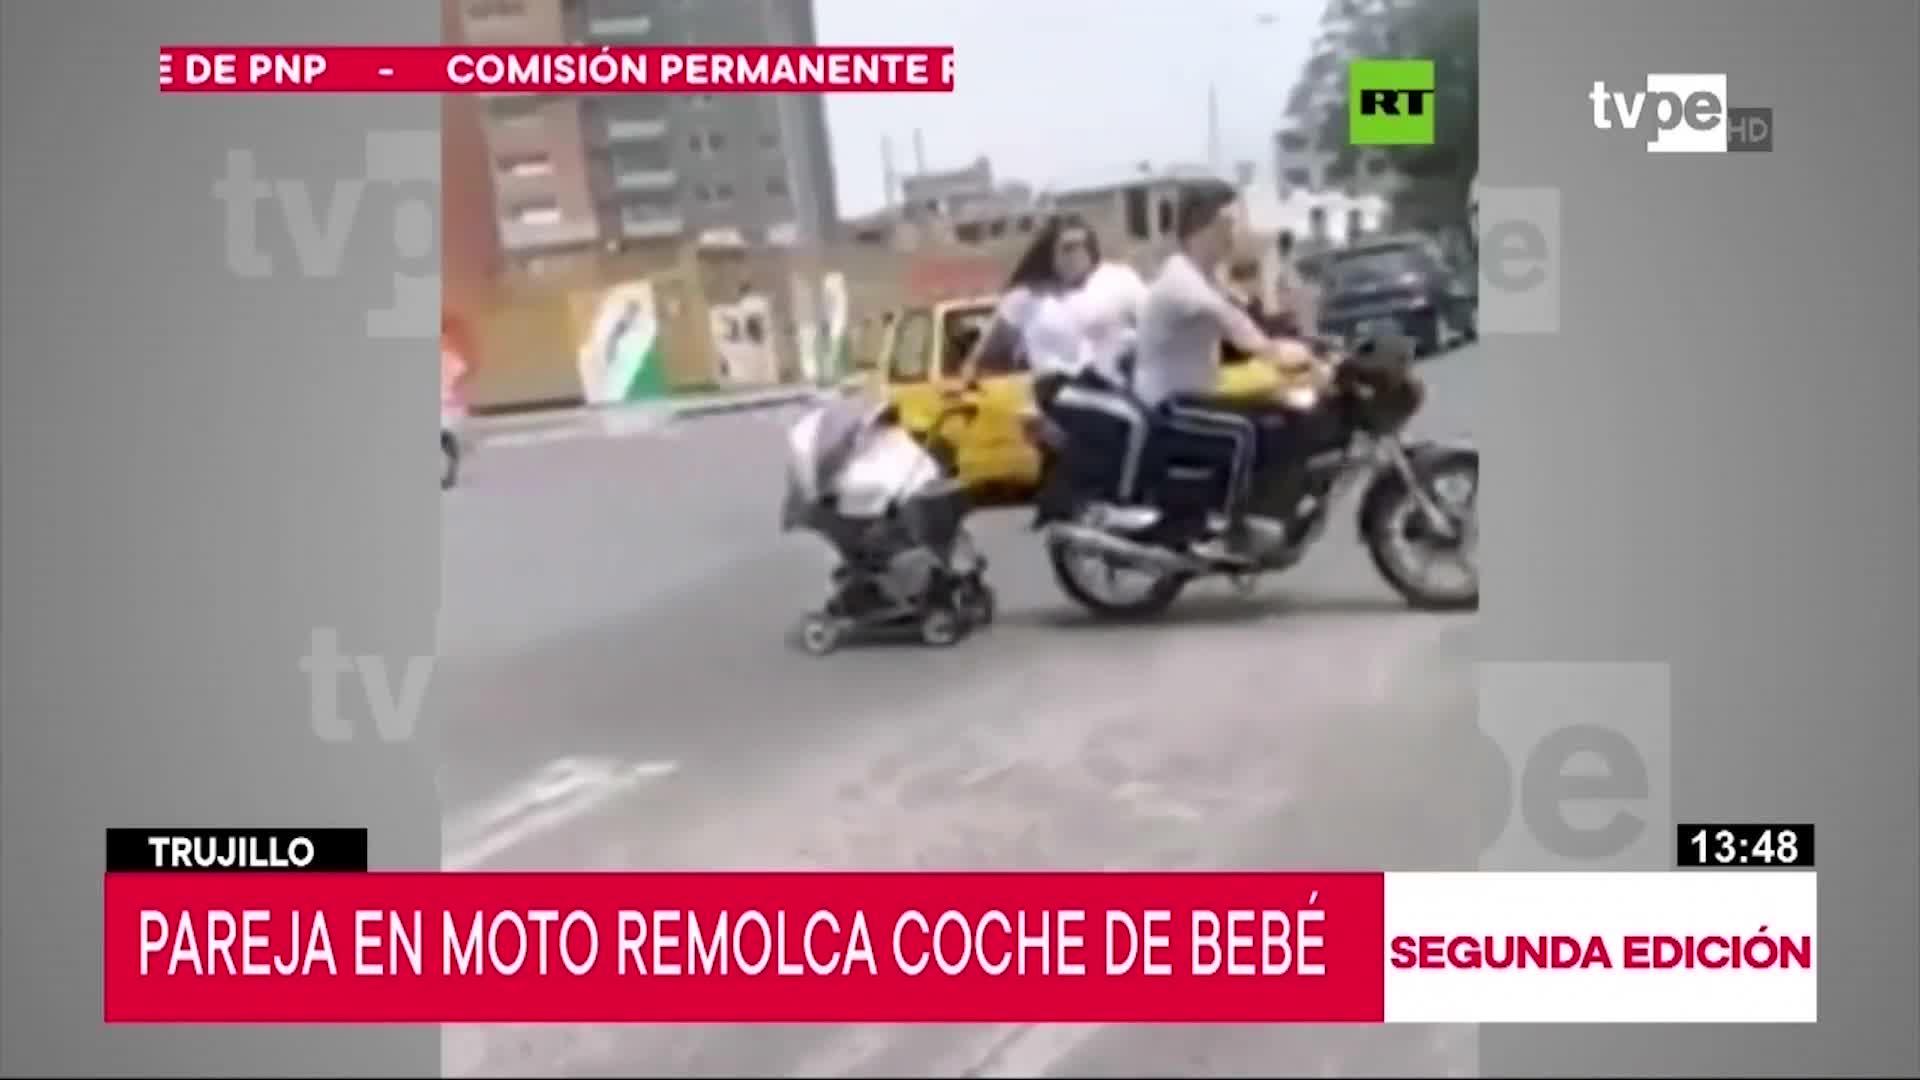 Trujillo: Pareja en moto es captada arrastrando coche de bebe